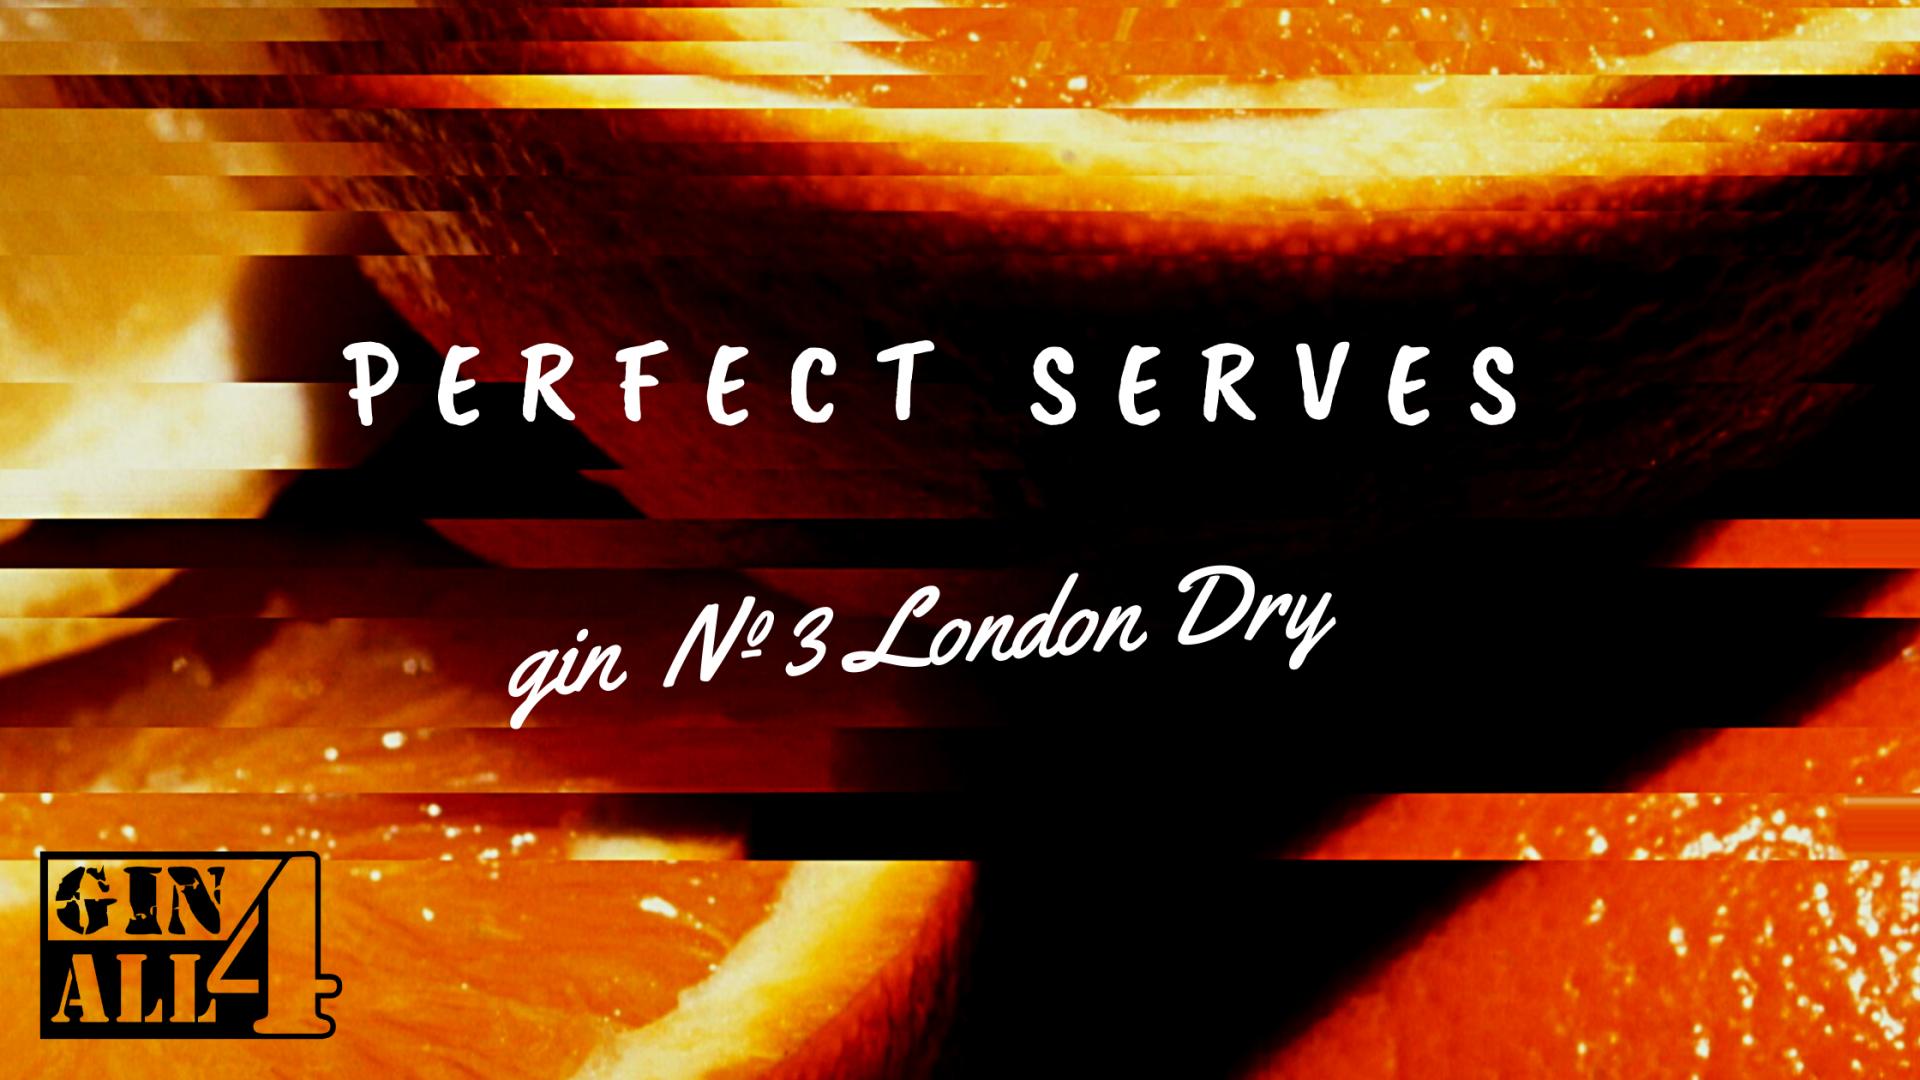 Perfect Serves - GIN Nº3 LONDON DRY